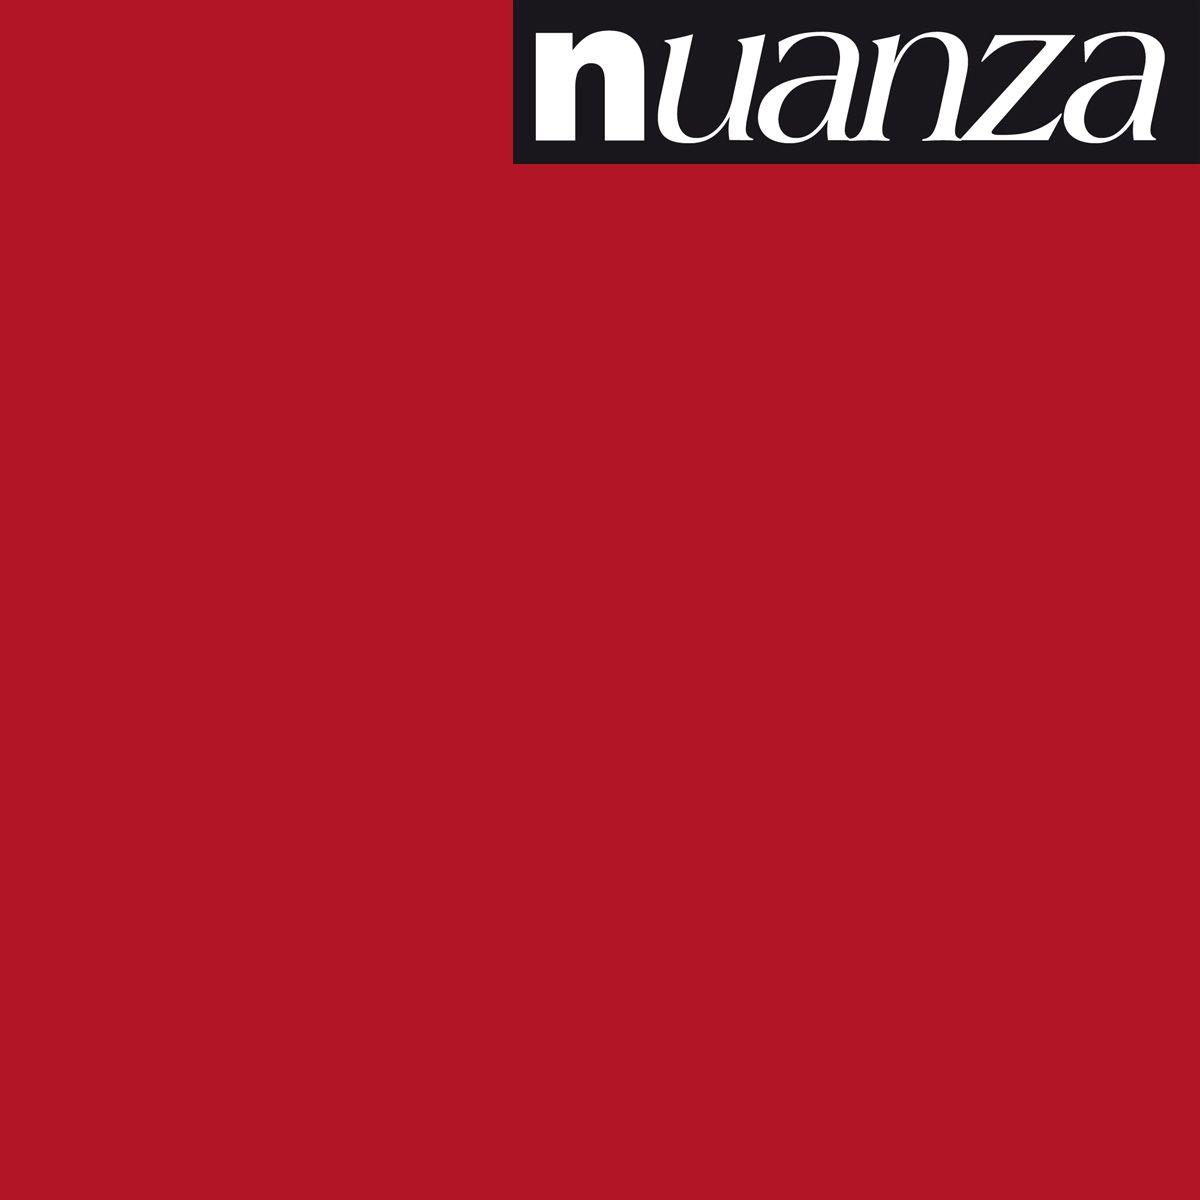 Peinture Nuanza satin monocouche cerise 0.5l